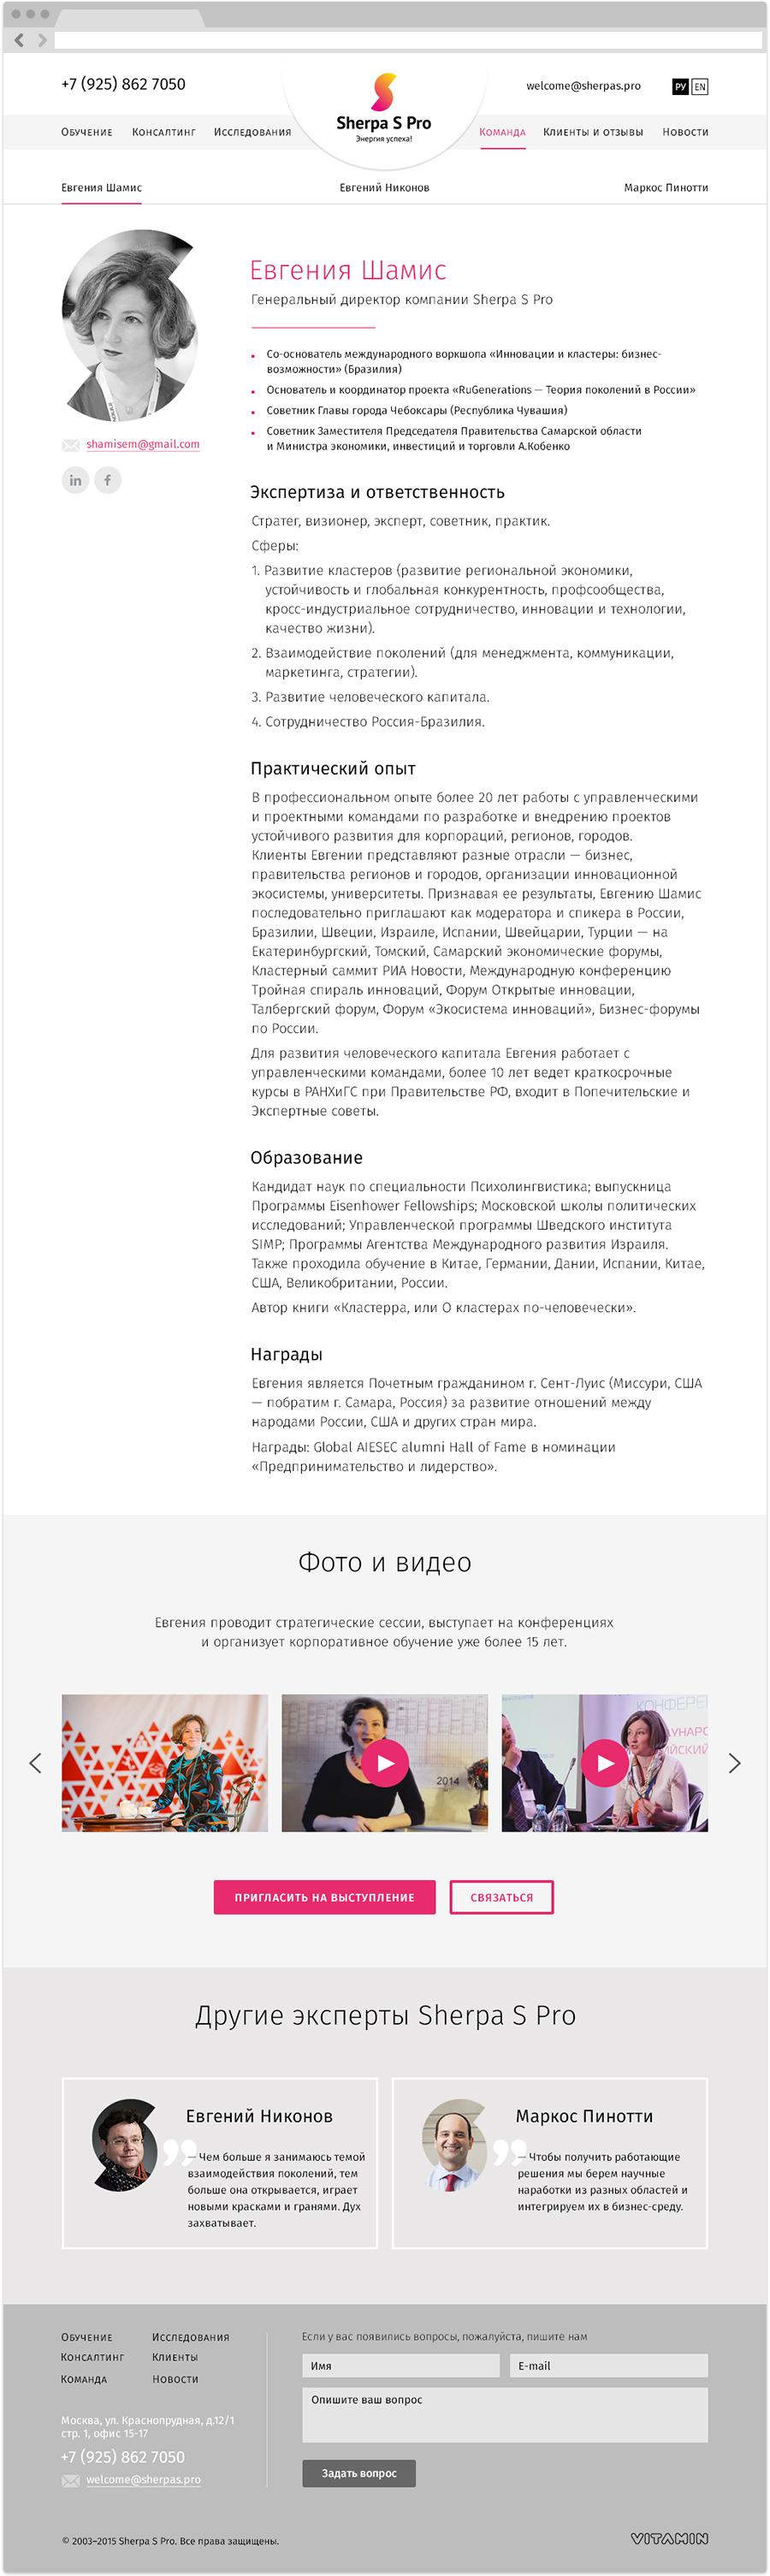 Sherpa S Pro, страница члена команды